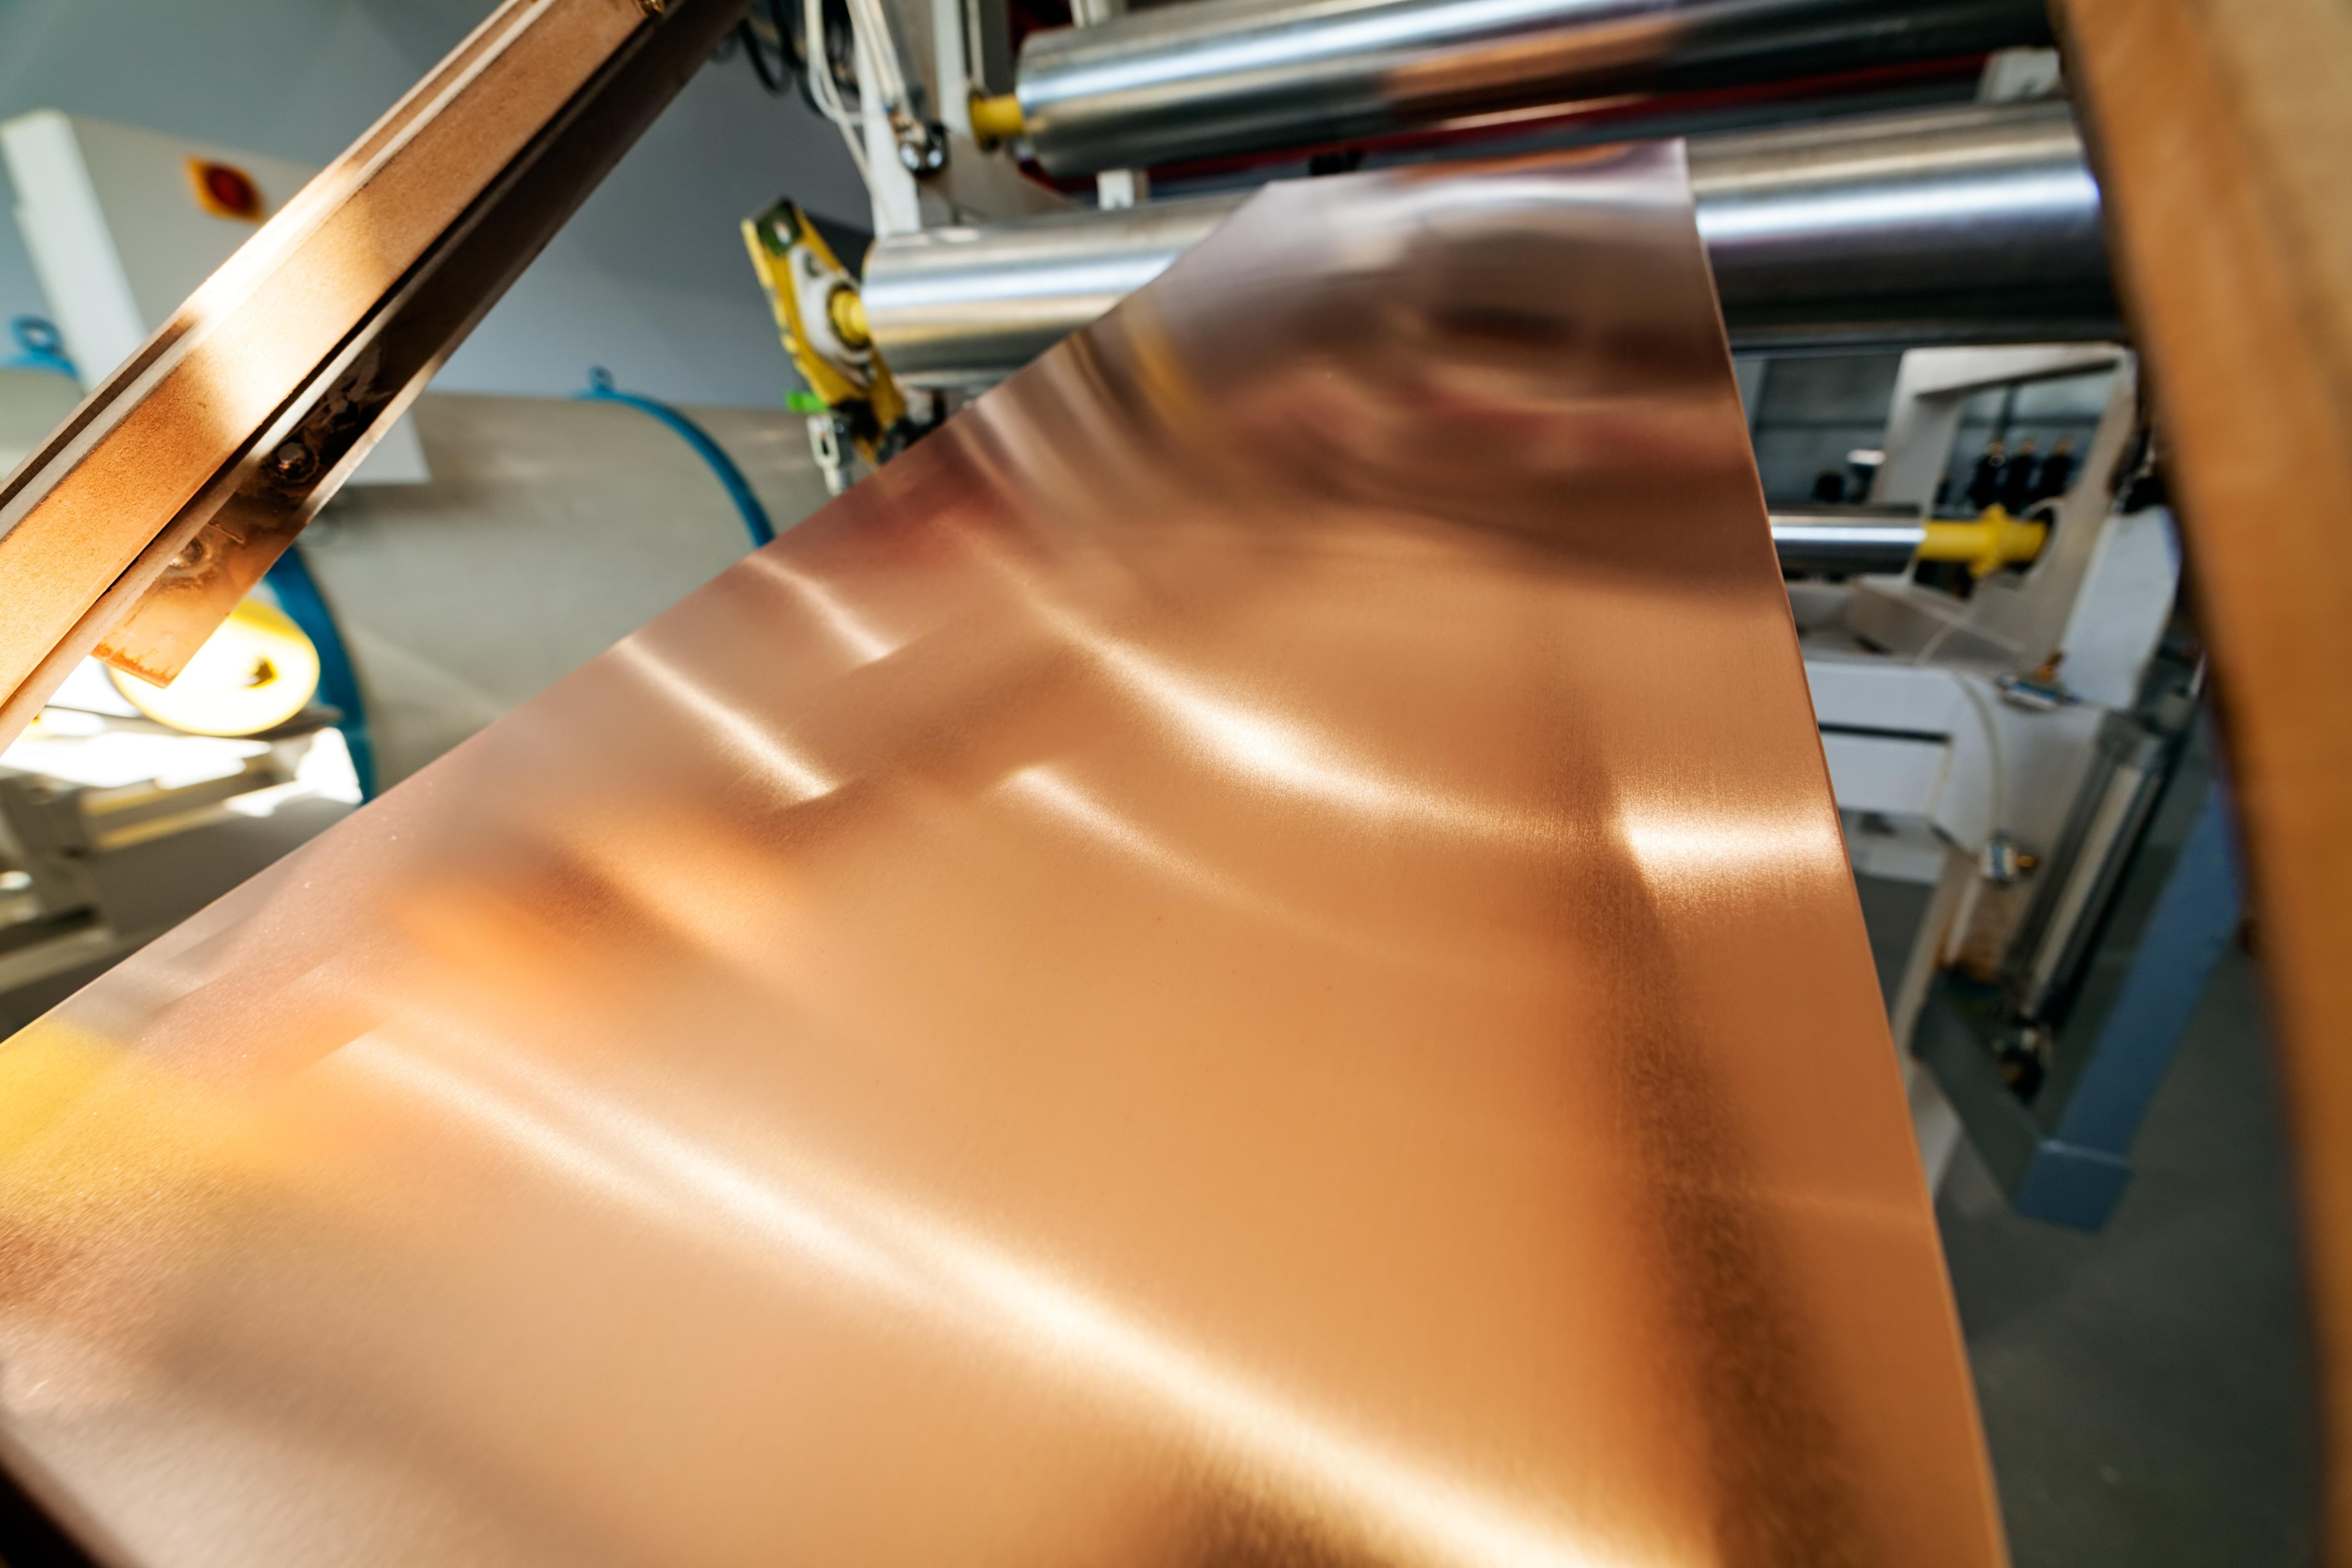 Copper bending